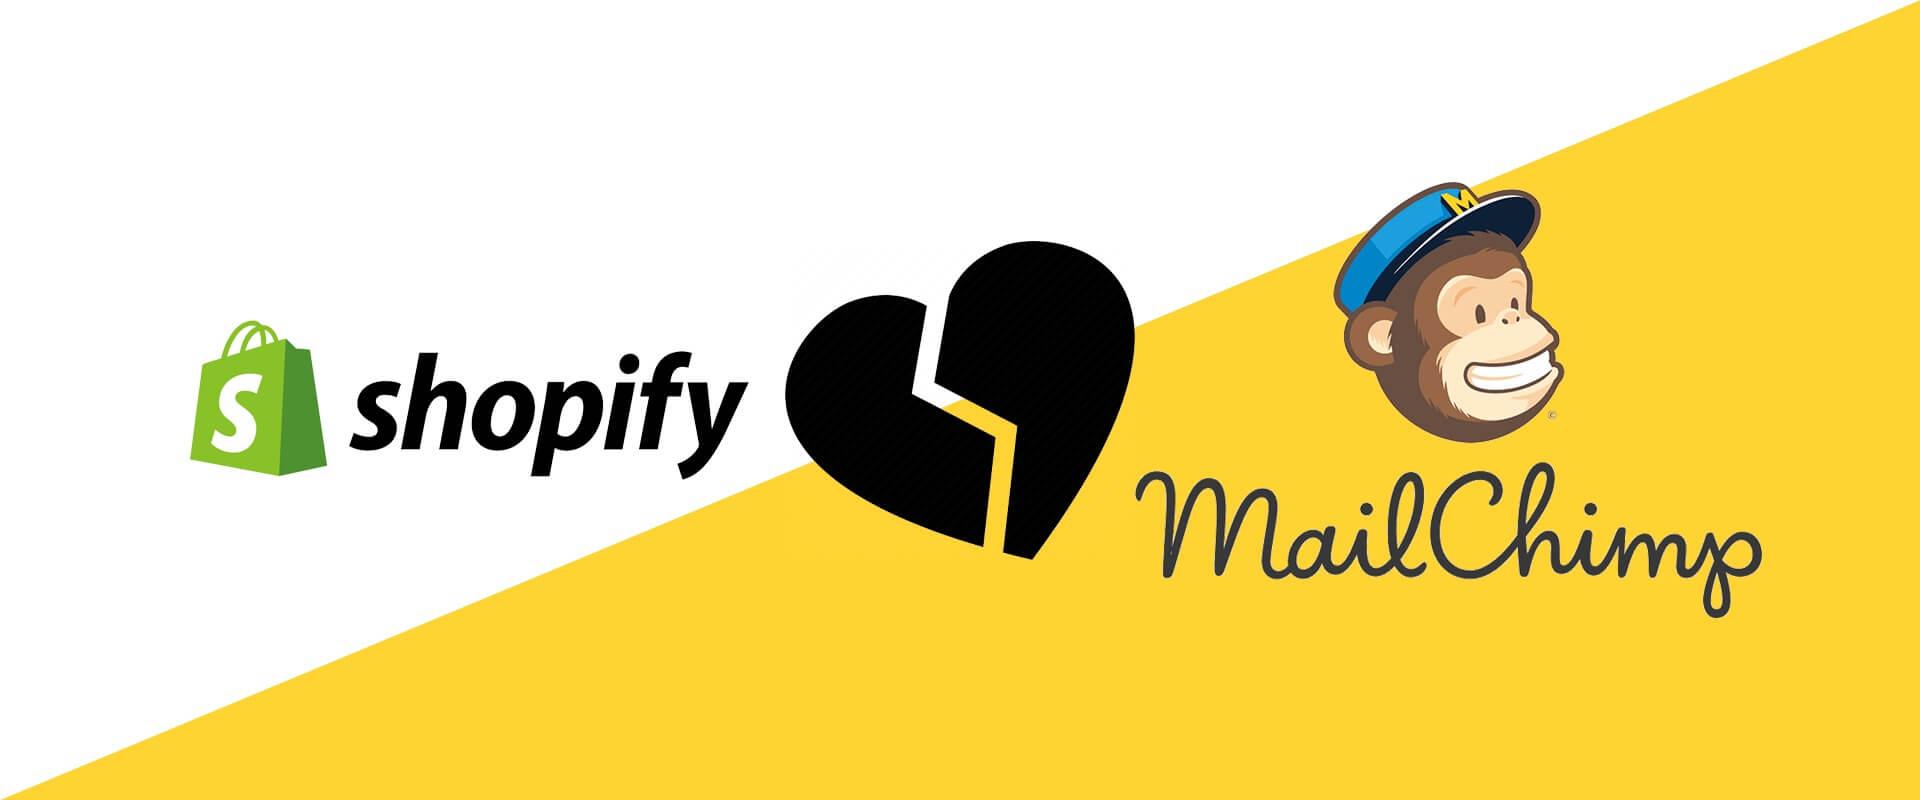 Mailchimp e Shopify – L'app non sará piú disponibile sull'app store Shopify! Come fare?